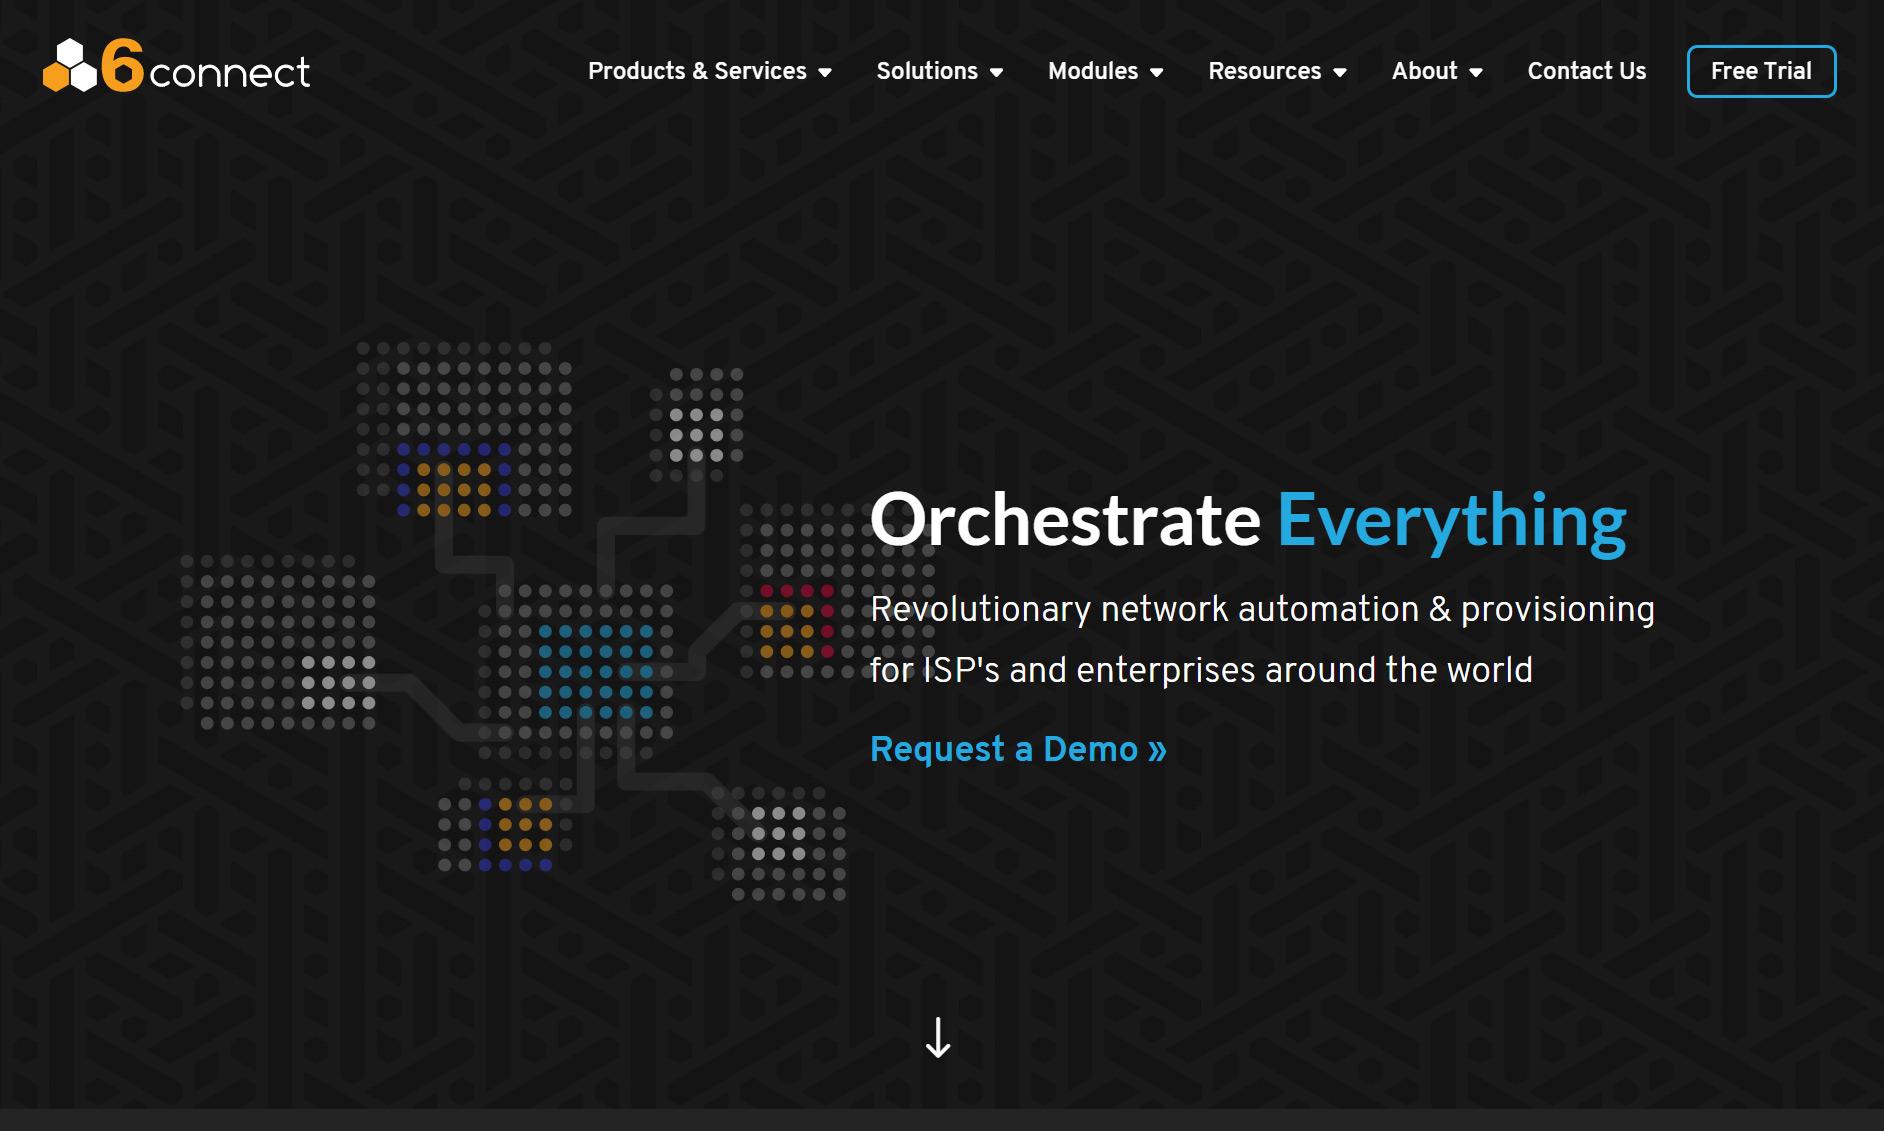 6connect website screenshot